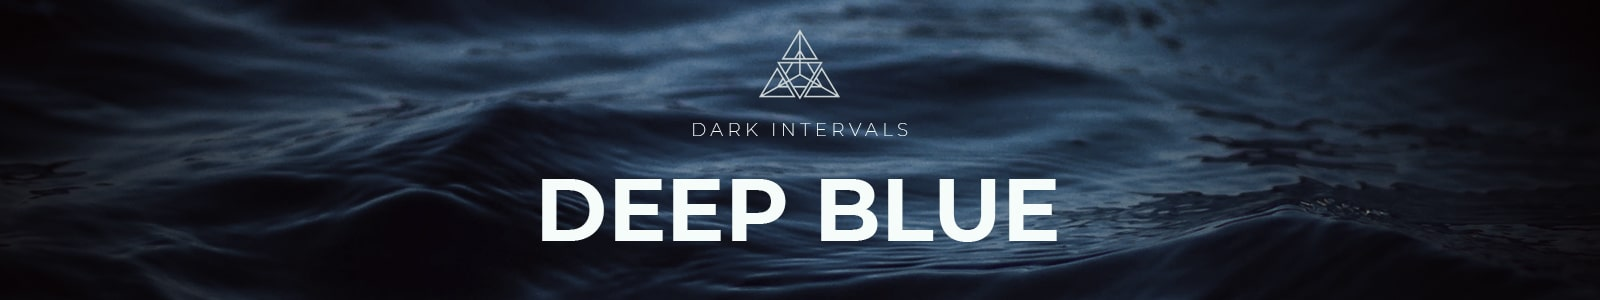 deep blue by dark intervals